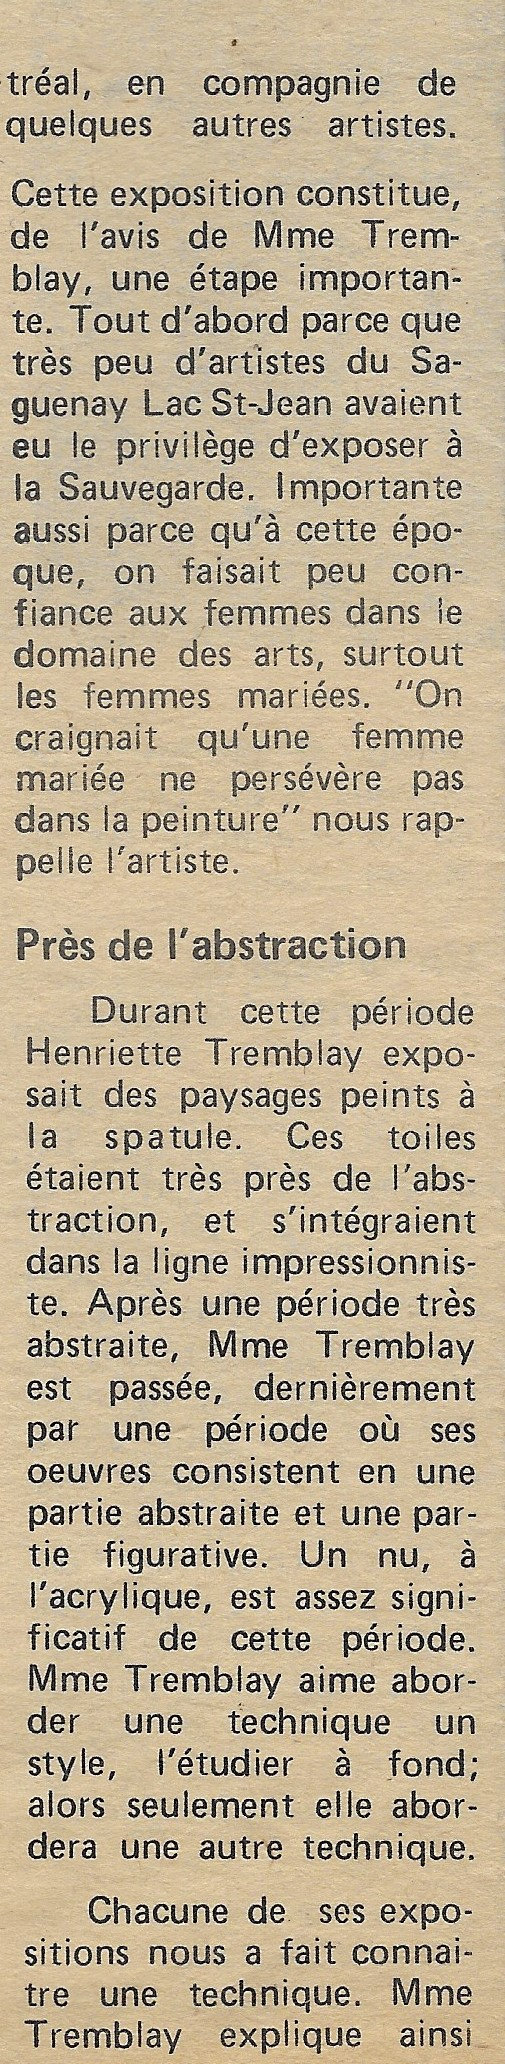 Le Réveil 30 mai 72 (3).jpg